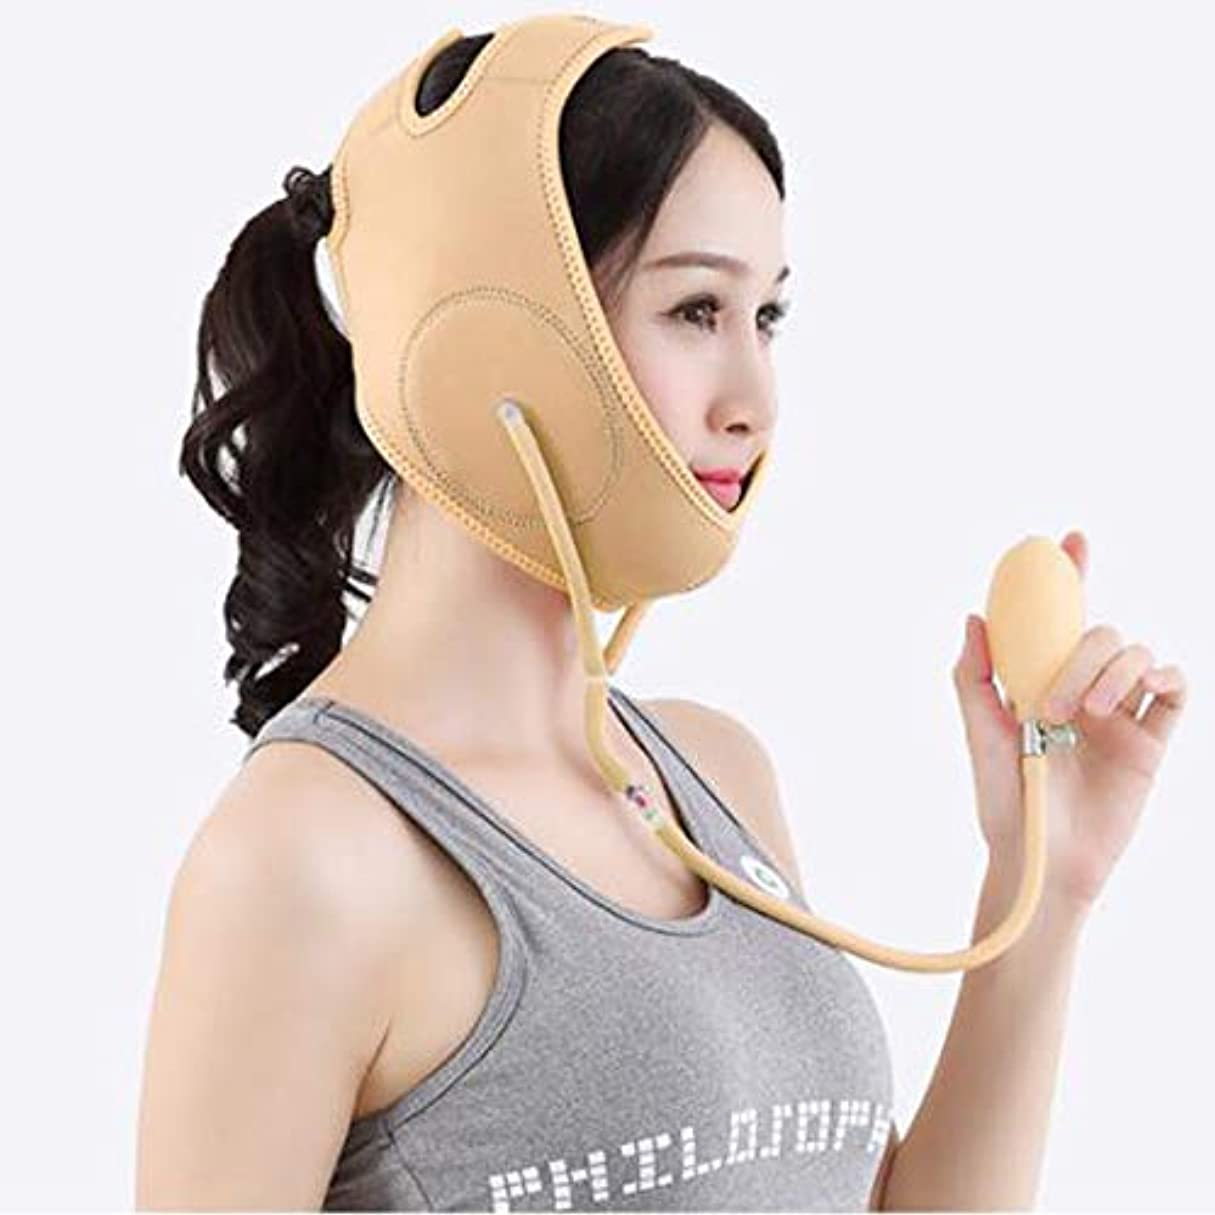 悪意のある速い吸うMinmin フェイシャルリフティング痩身ベルトダブルエアバッグ圧力調整フェイス包帯マスク整形マスクが顔を引き締める みんみんVラインフェイスマスク (Color : Beige, Size : M)